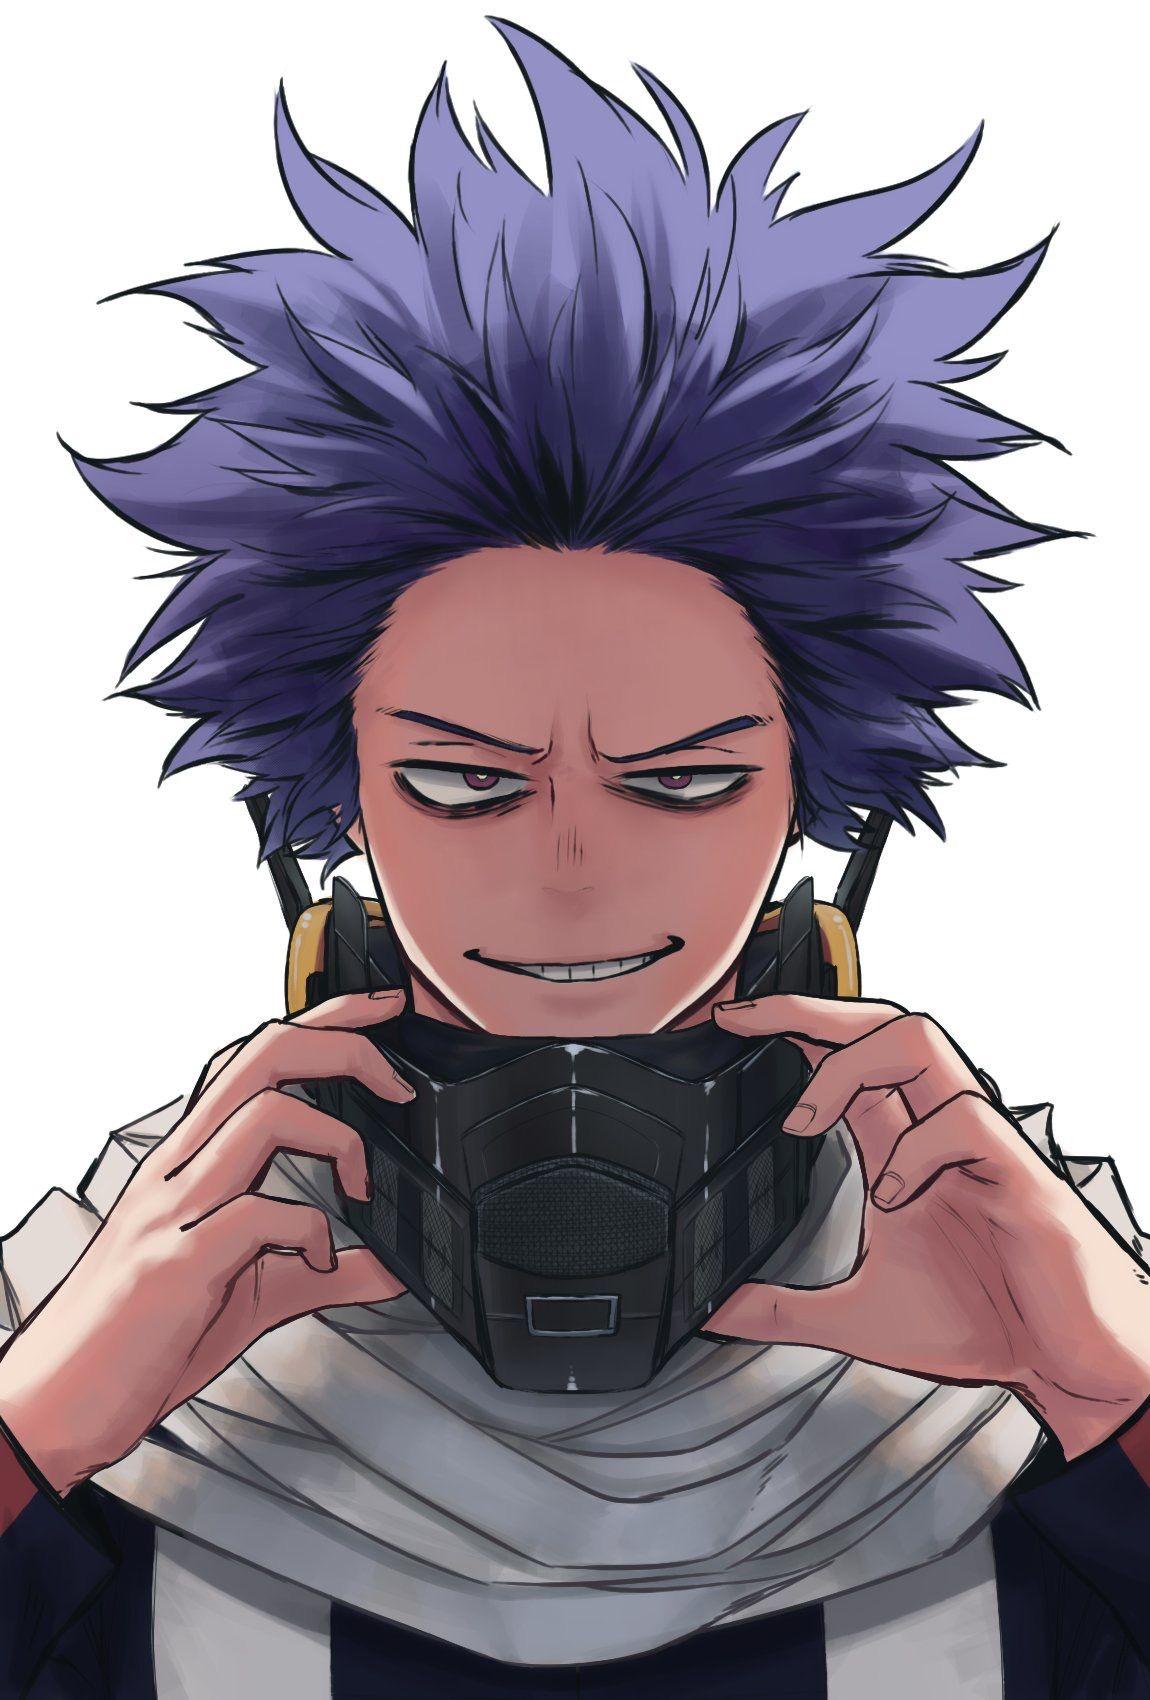 Coz Shinso Is The New Aizawa My Hero Boku No Hero Academia Hero